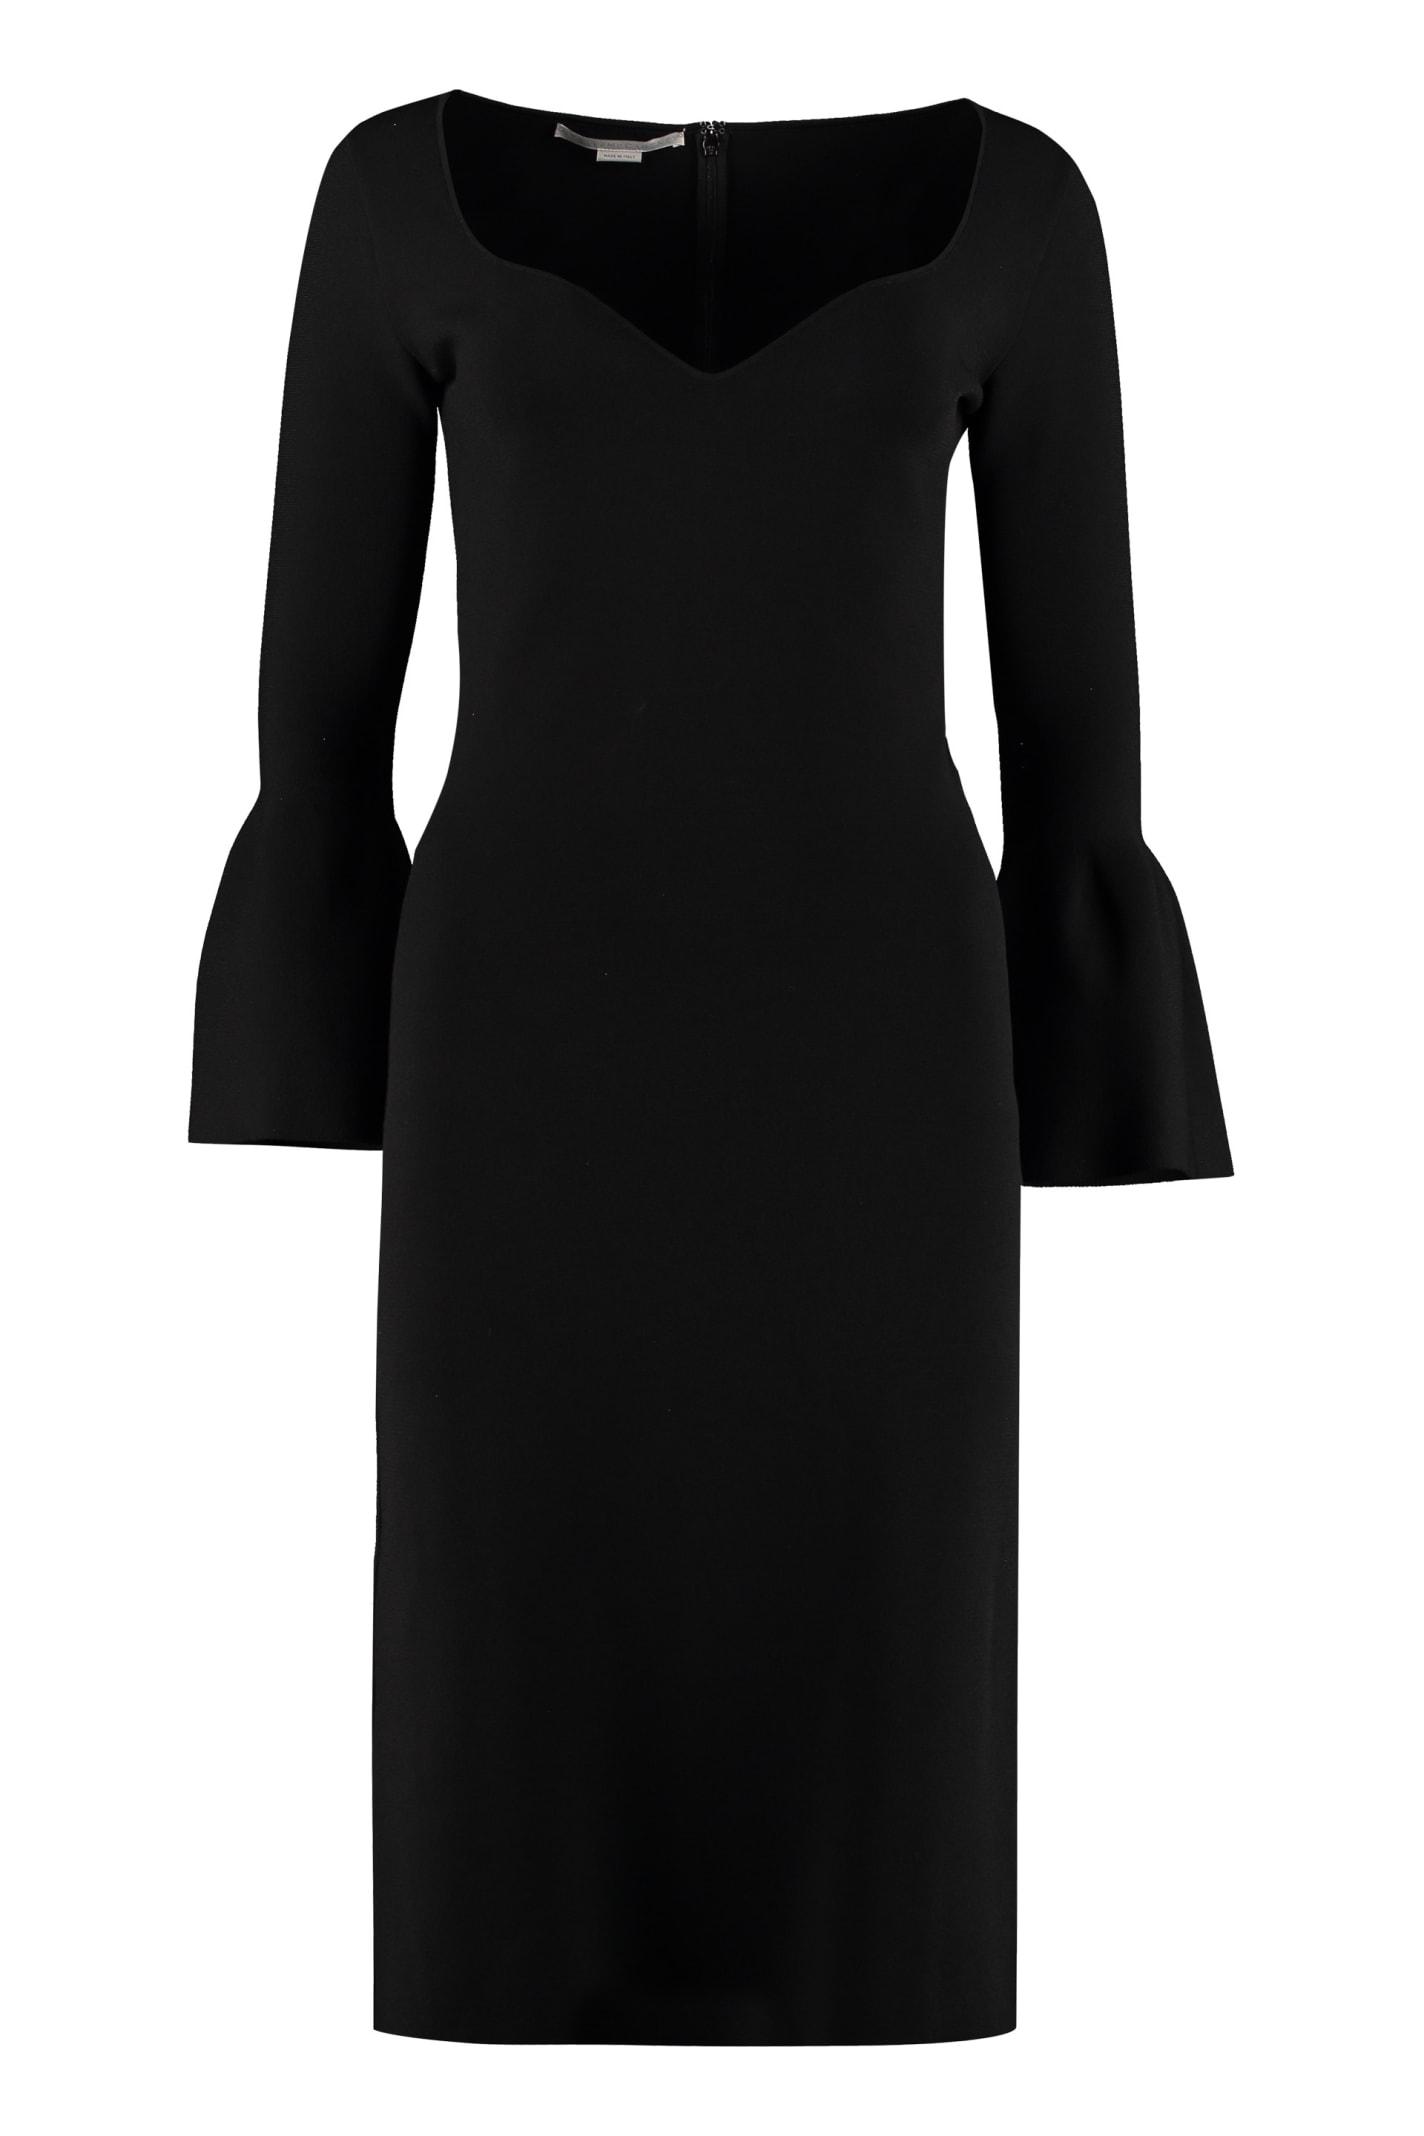 Stella McCartney Jersey Sheath Dress